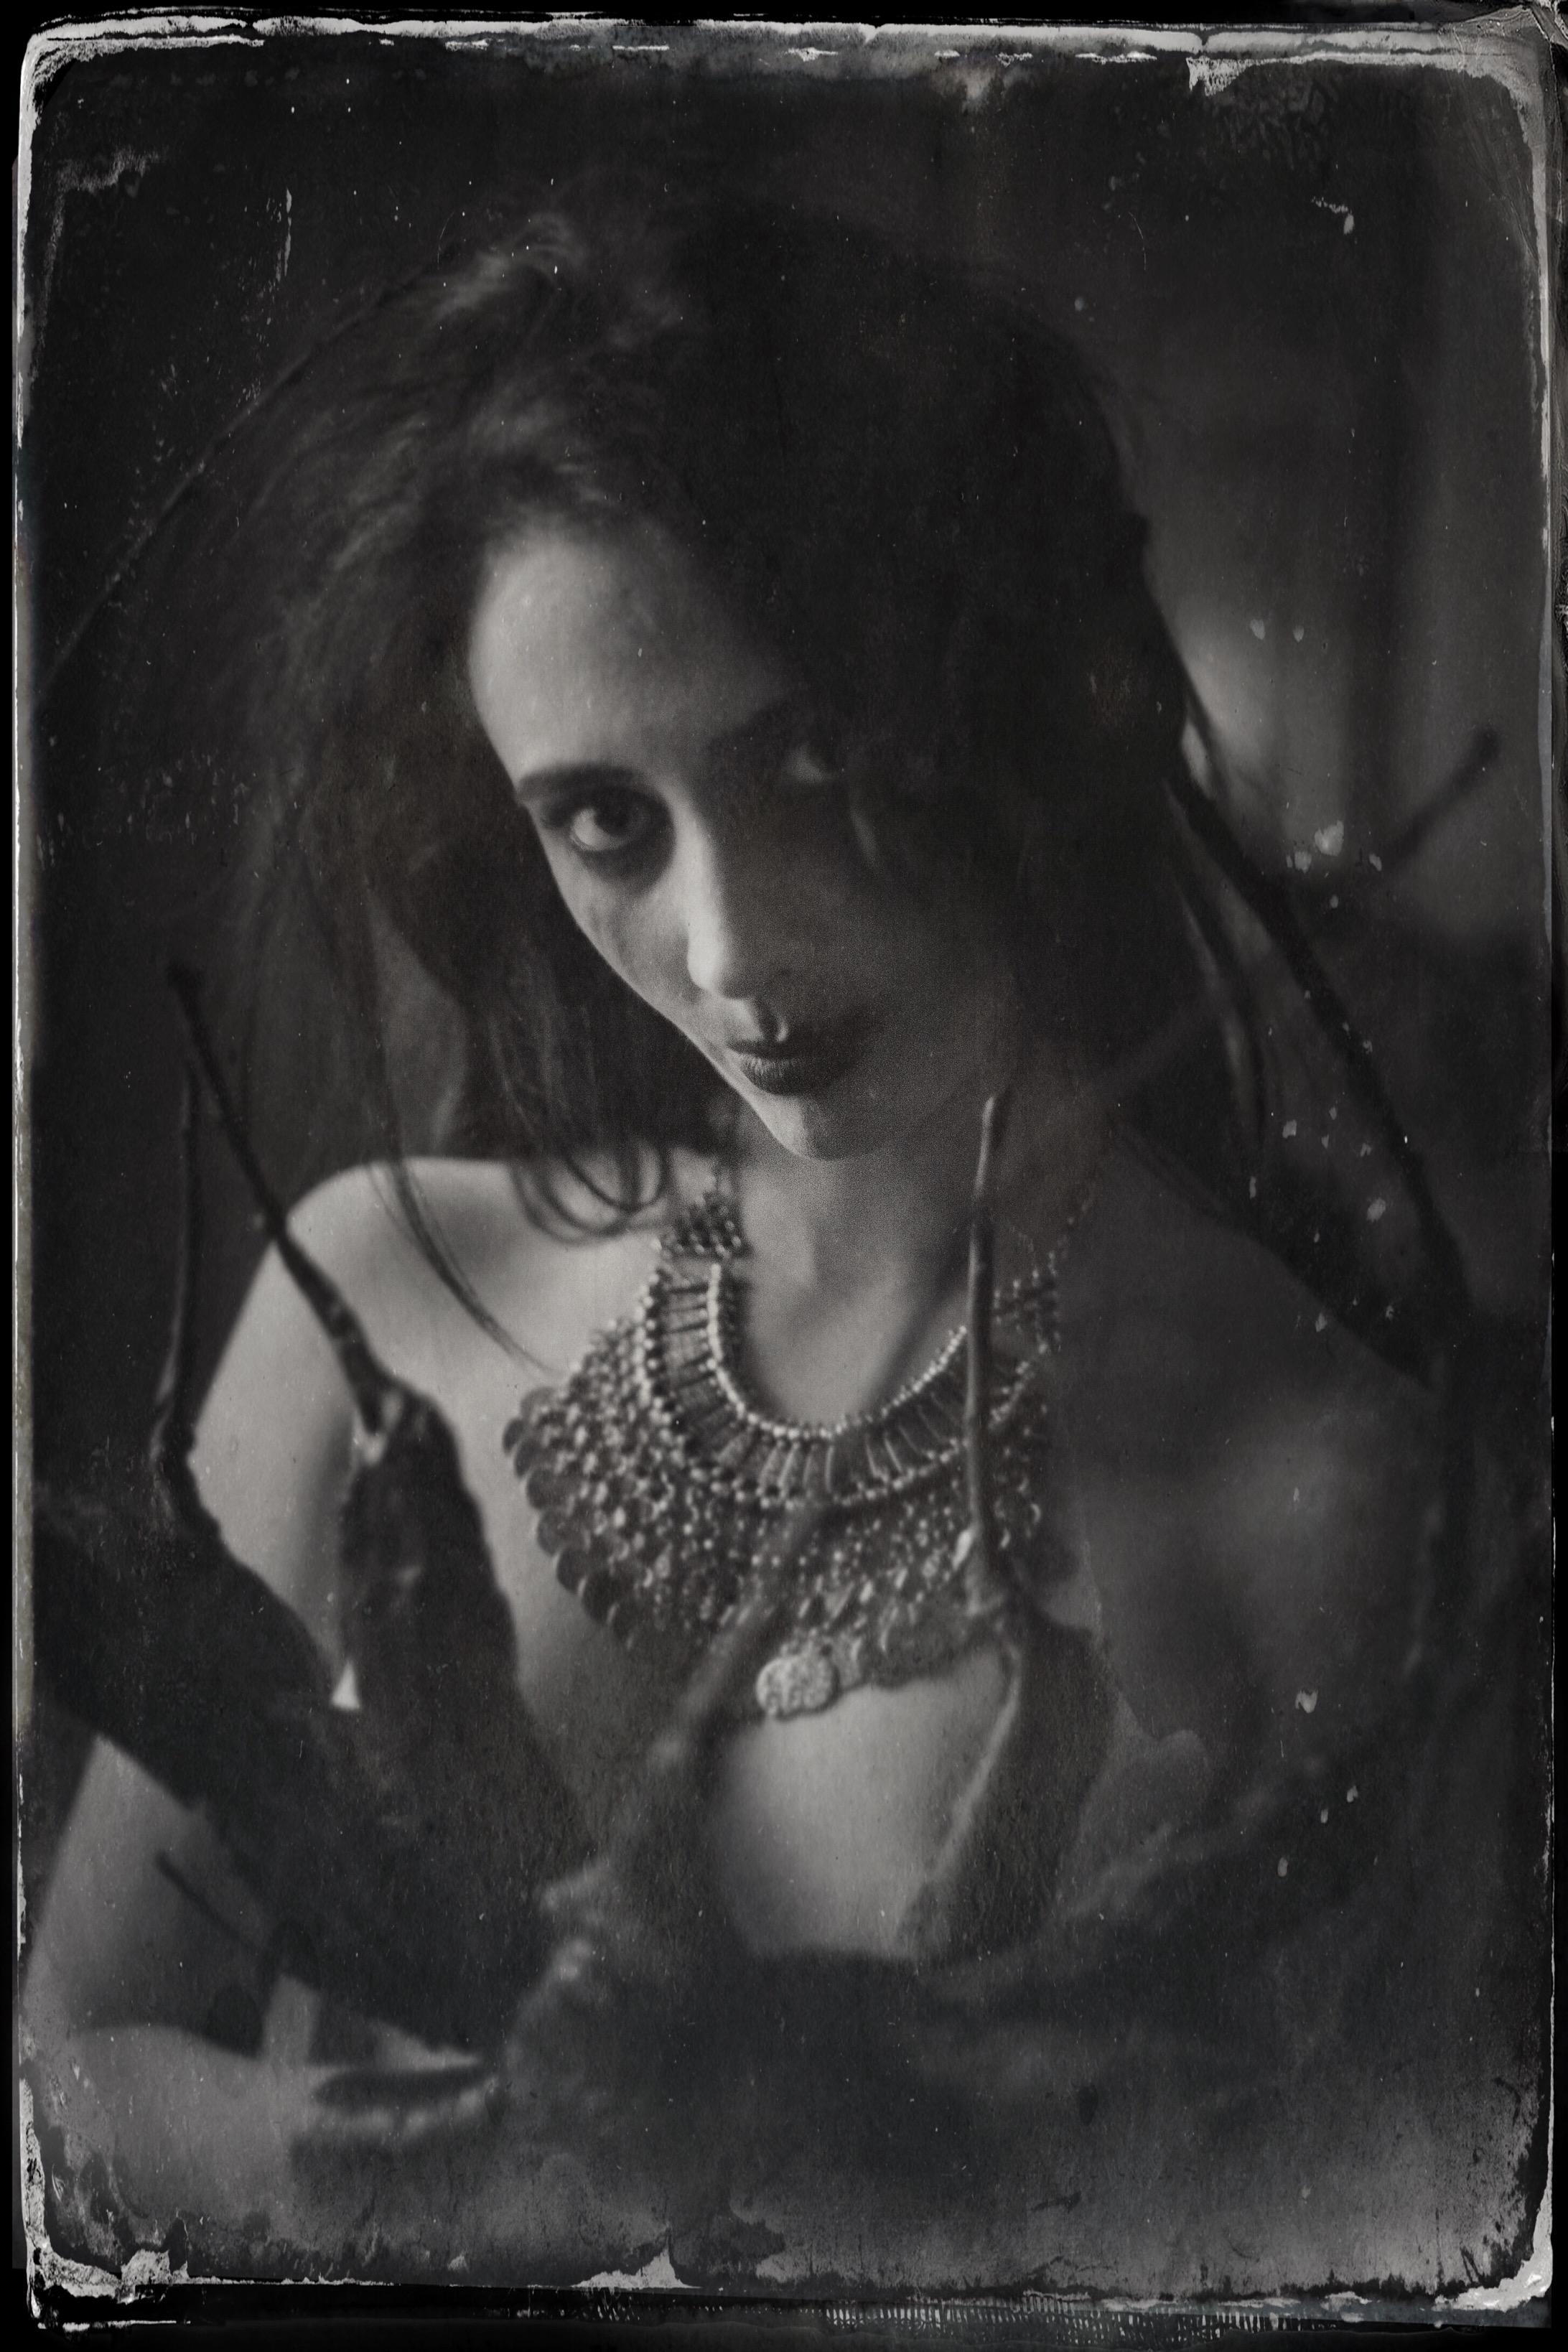 Portrait by ditchcock